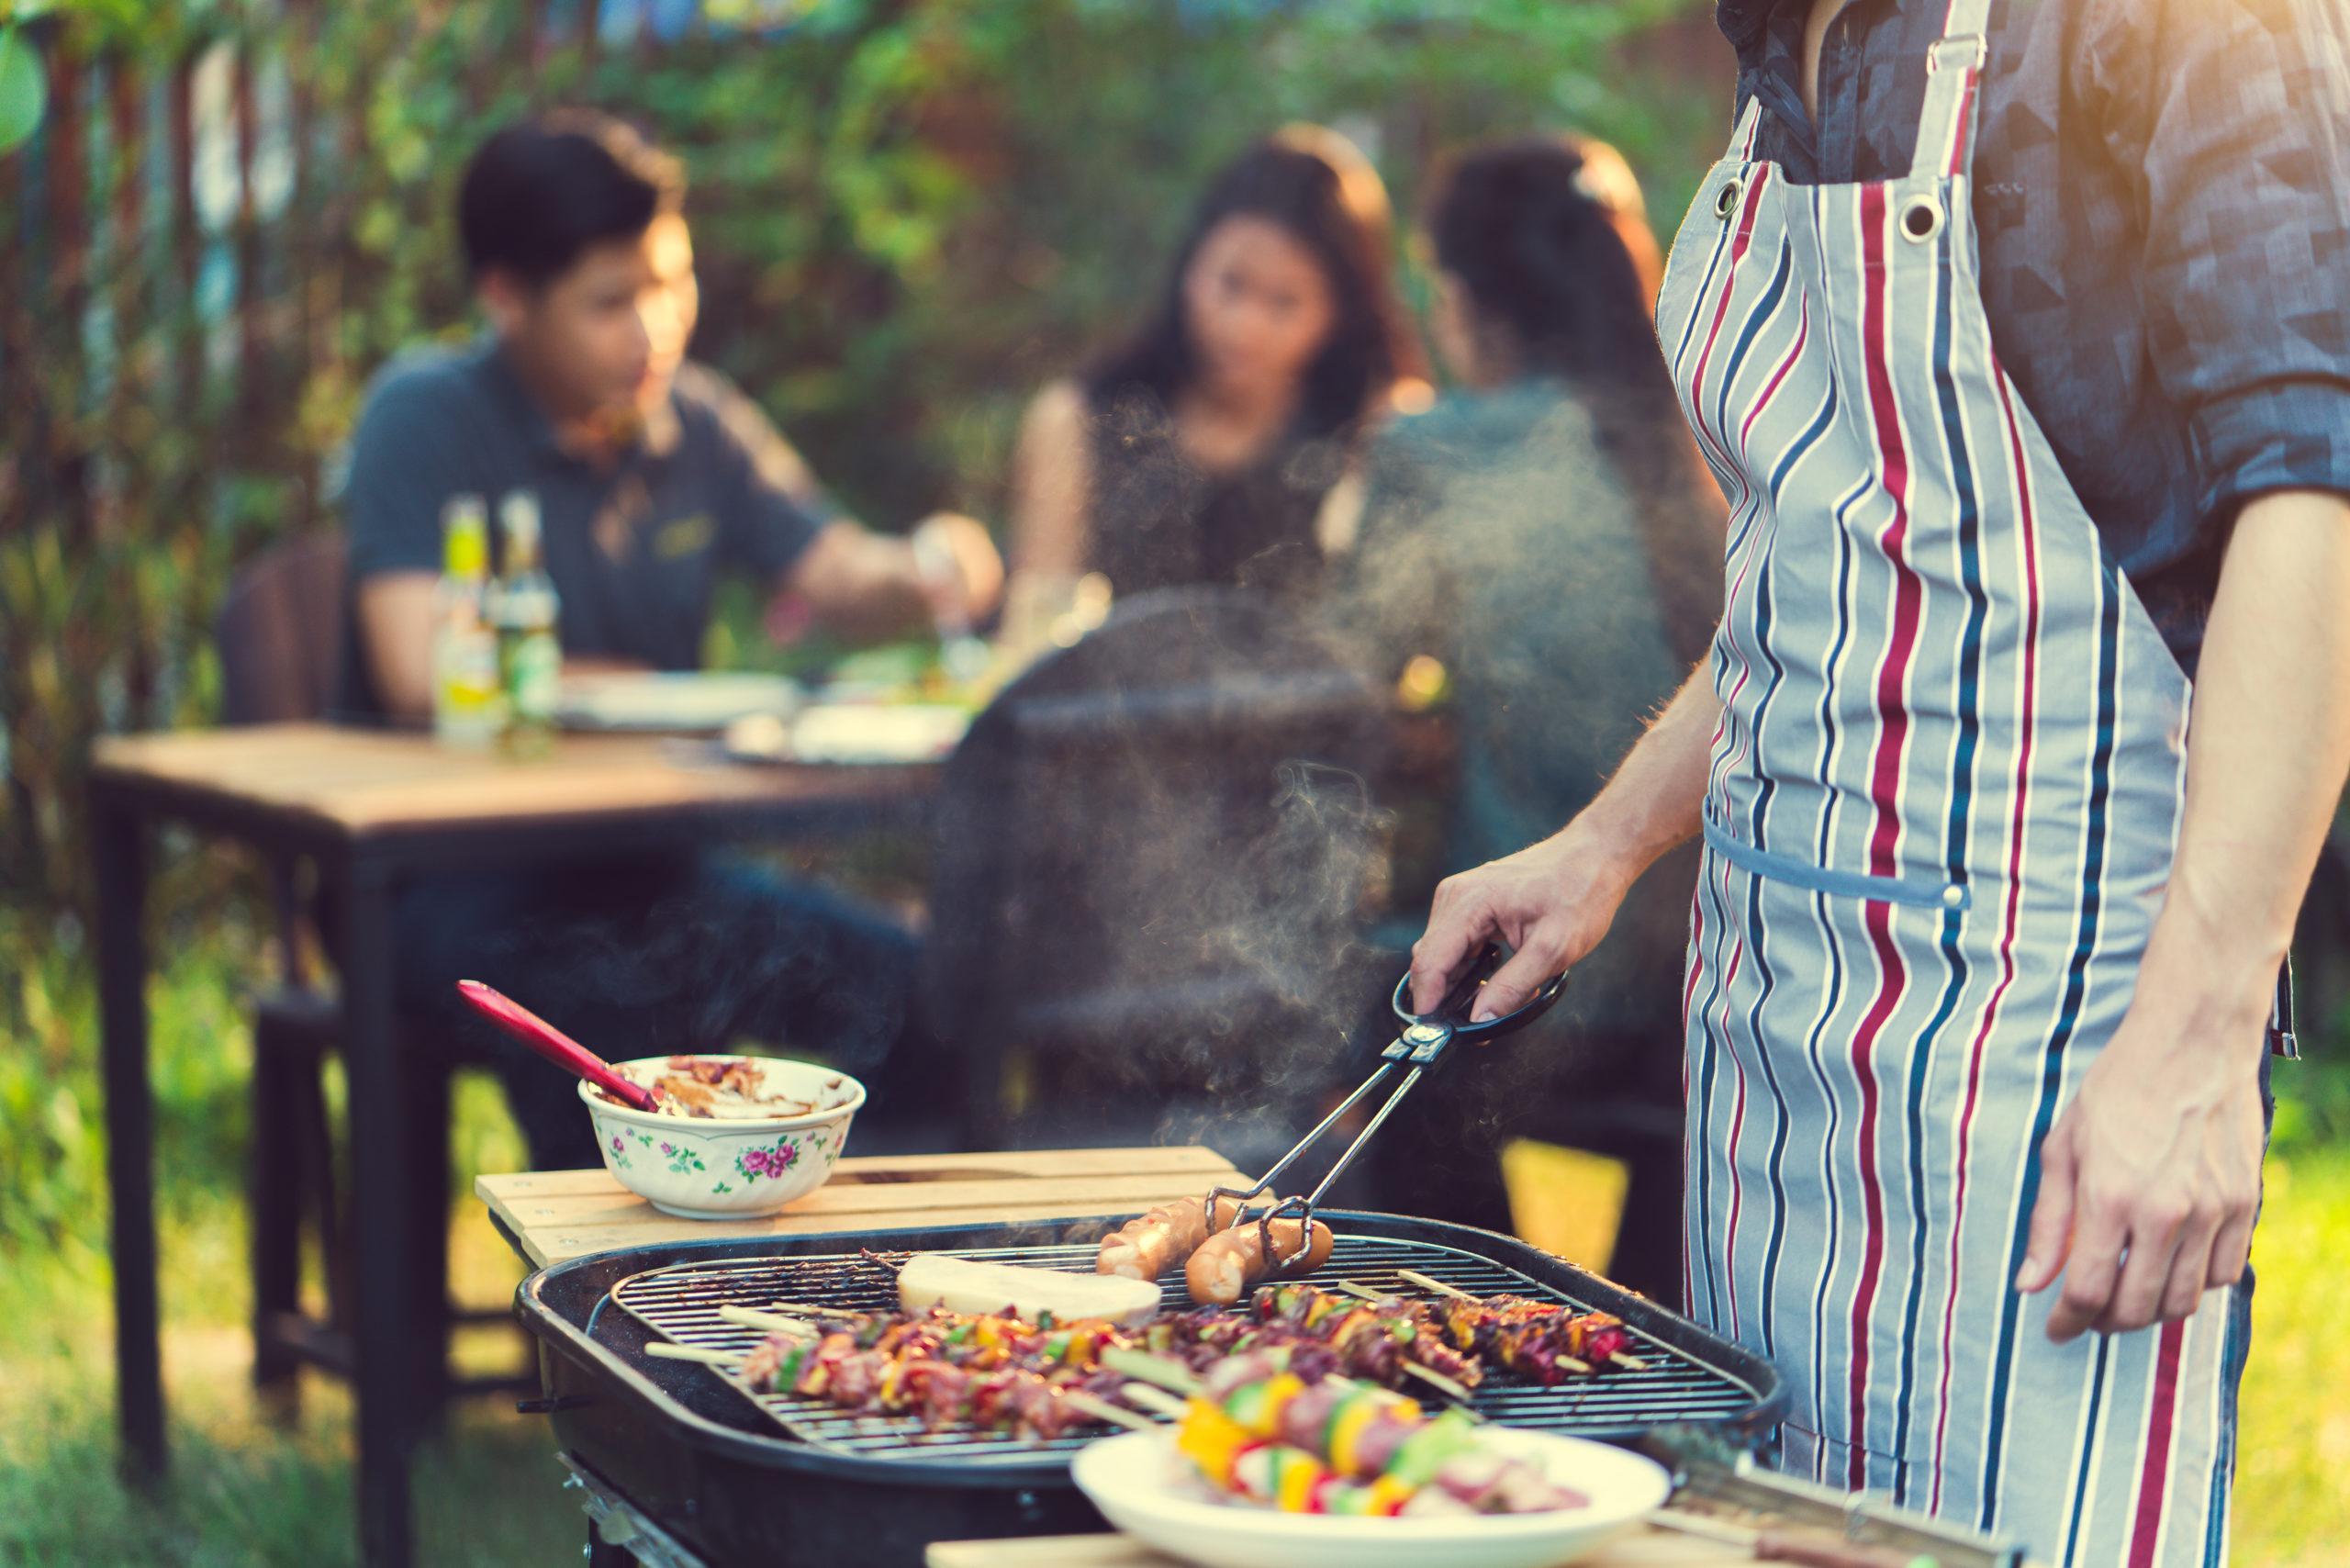 La cuisson au barbecue : découvrez nos conseils culinaires